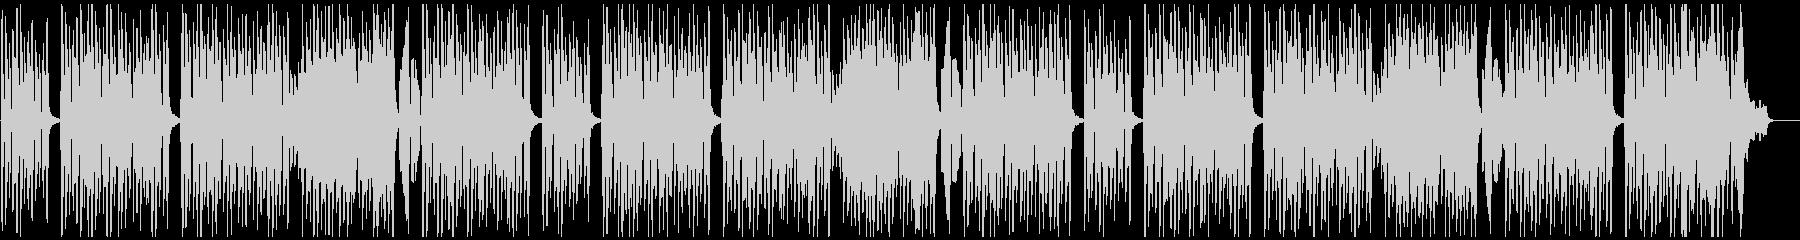 ピアノとシンセベルなどの軽い曲の未再生の波形